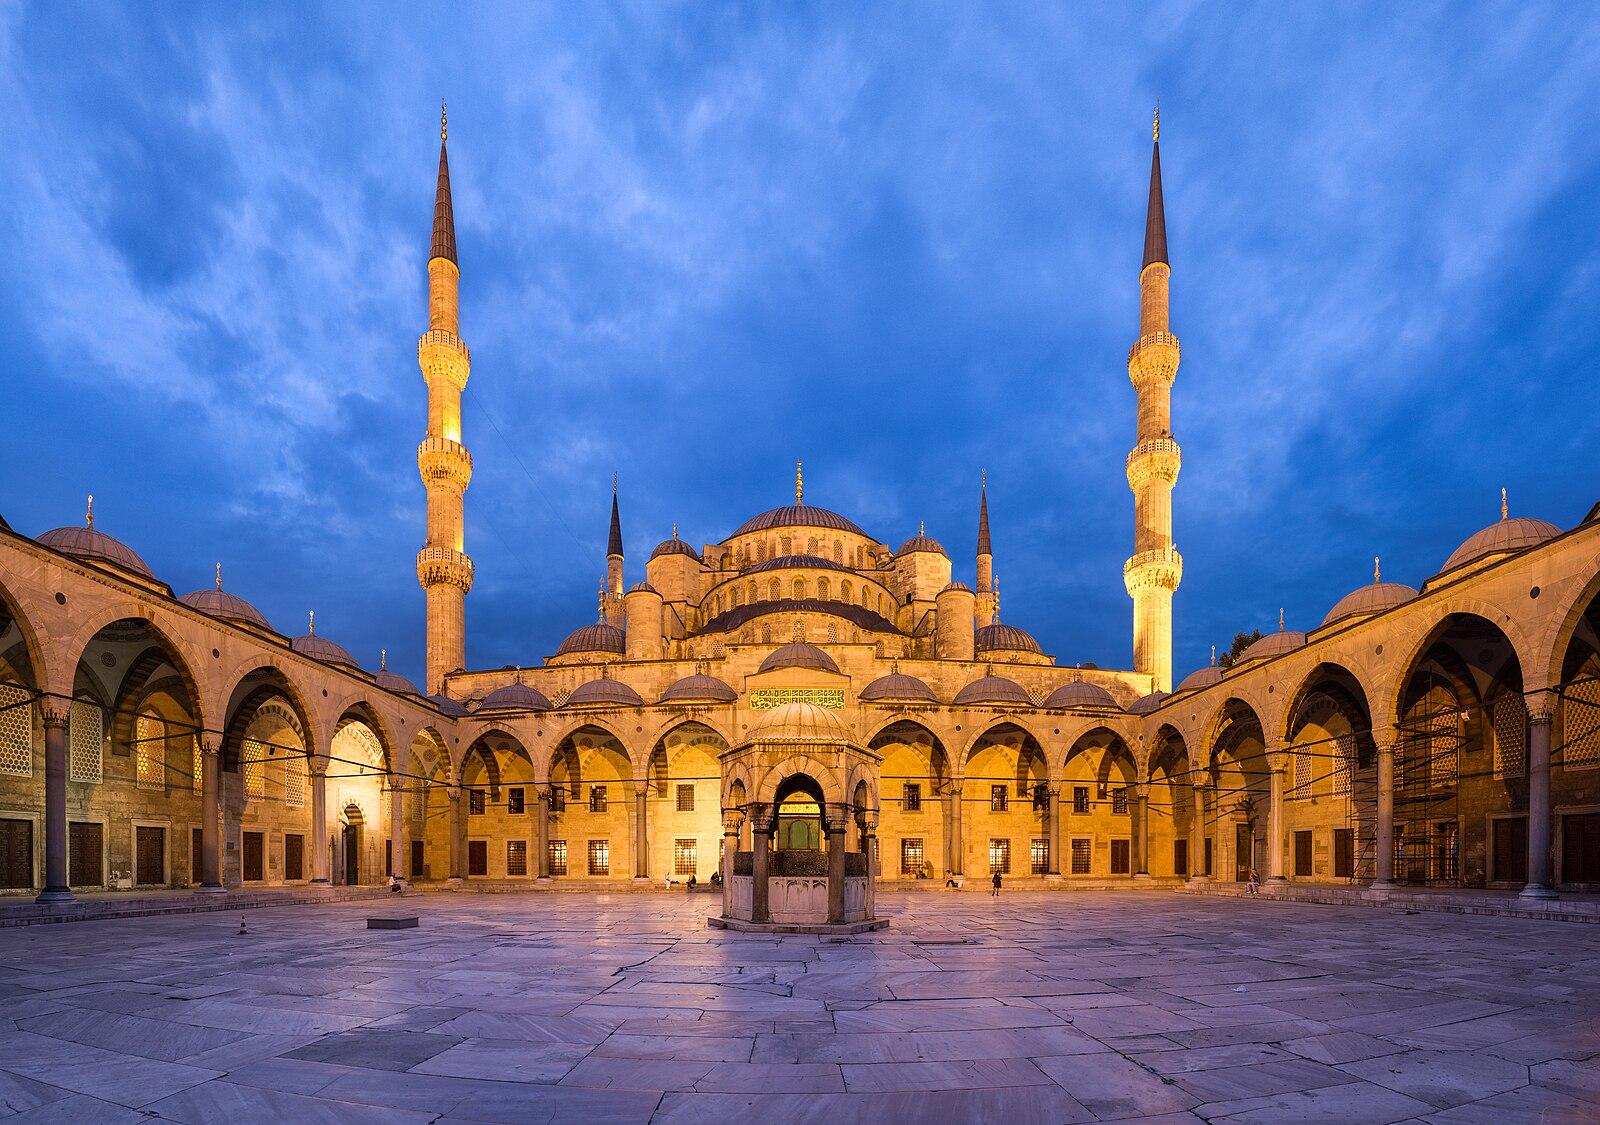 страны архитектура Стамбул Турция country architecture Istanbul Turkey бесплатно